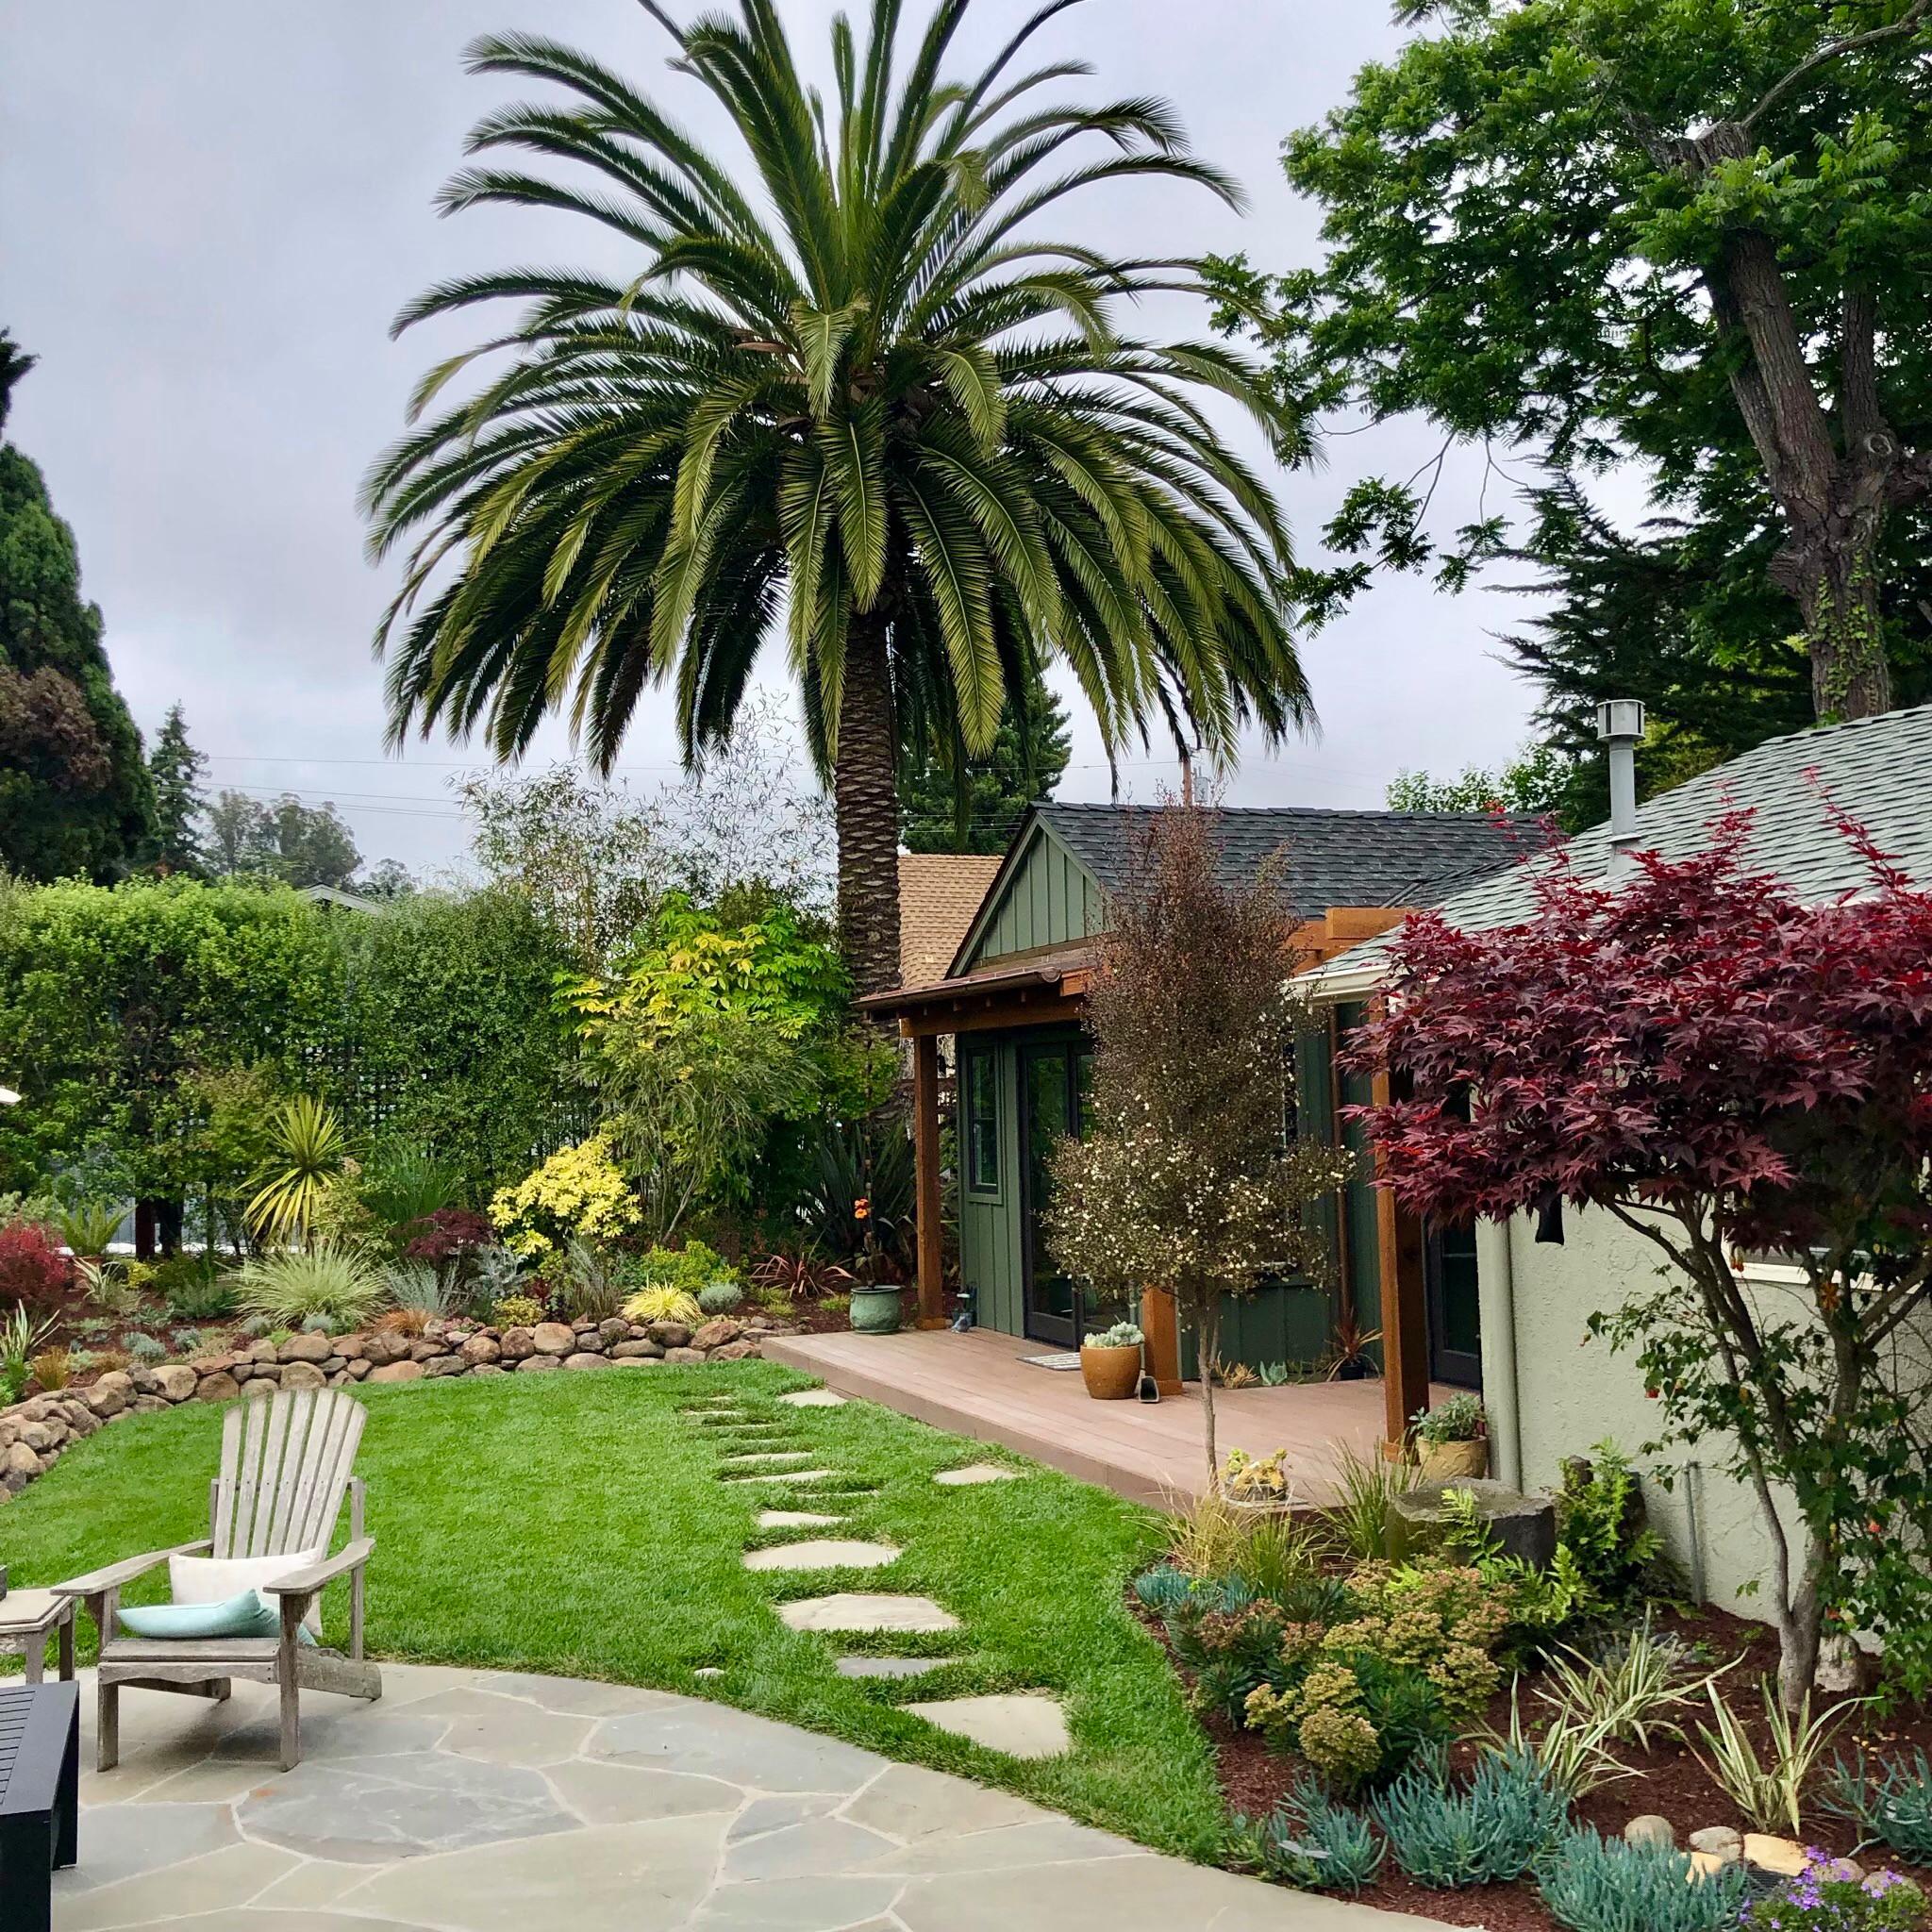 Backyard after renovation